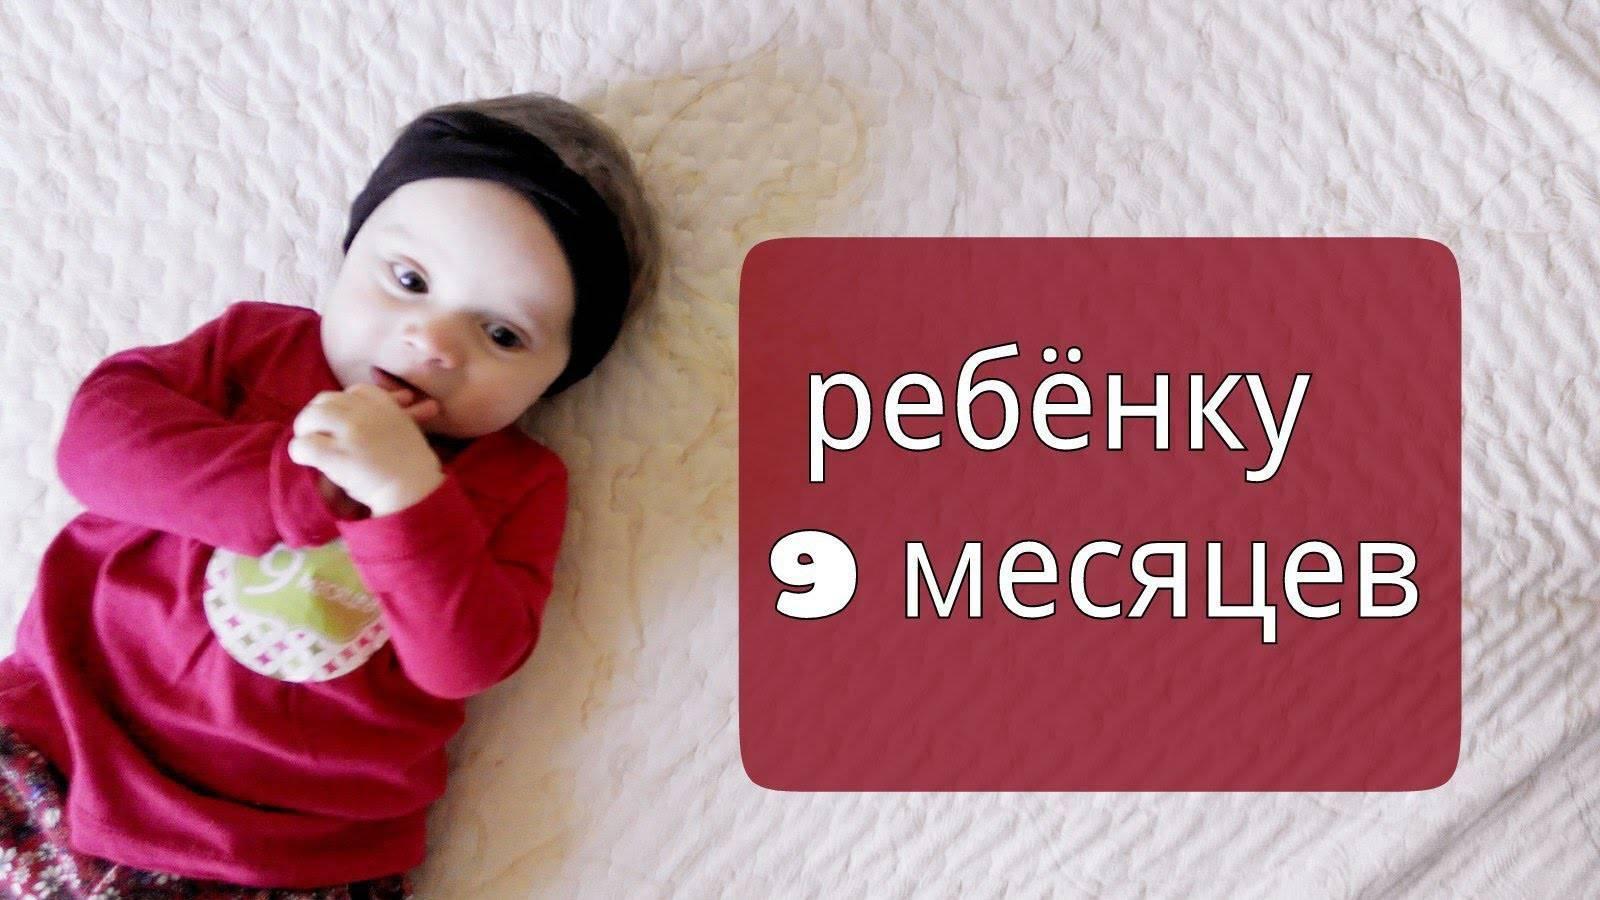 Развитие ребенка в 10 месяцев. что должен уметь мальчик, девочка, питание, вес, рост, развивающие игры